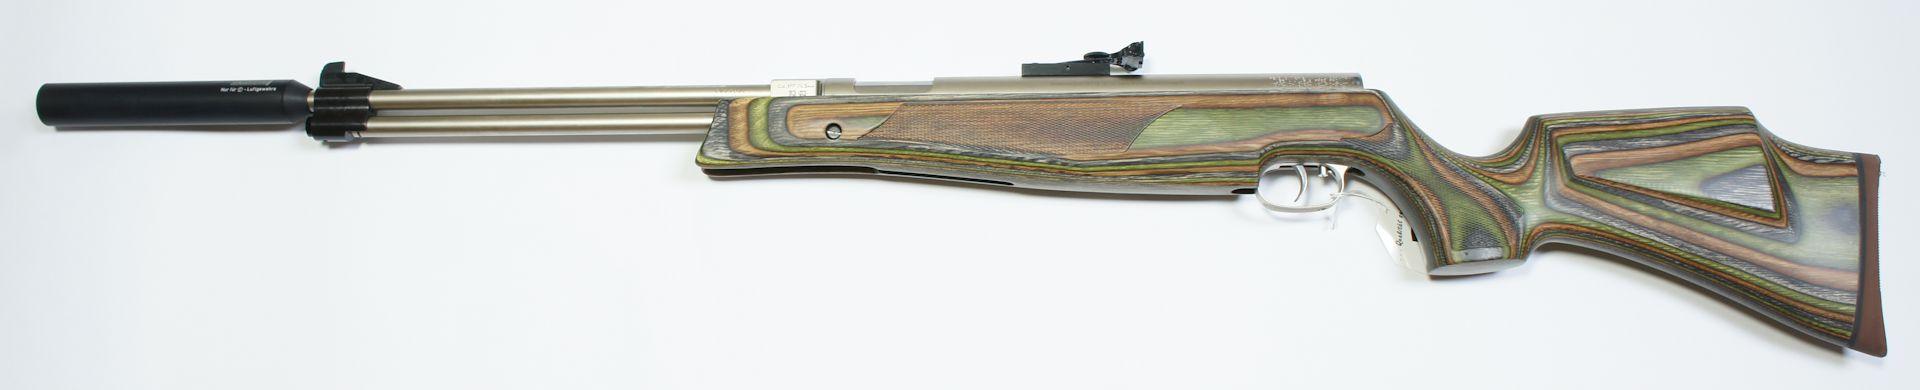 vernickeltes HW 77 mit Laufgewinde und Schalldämpfer im grünen Schichtholzschaft